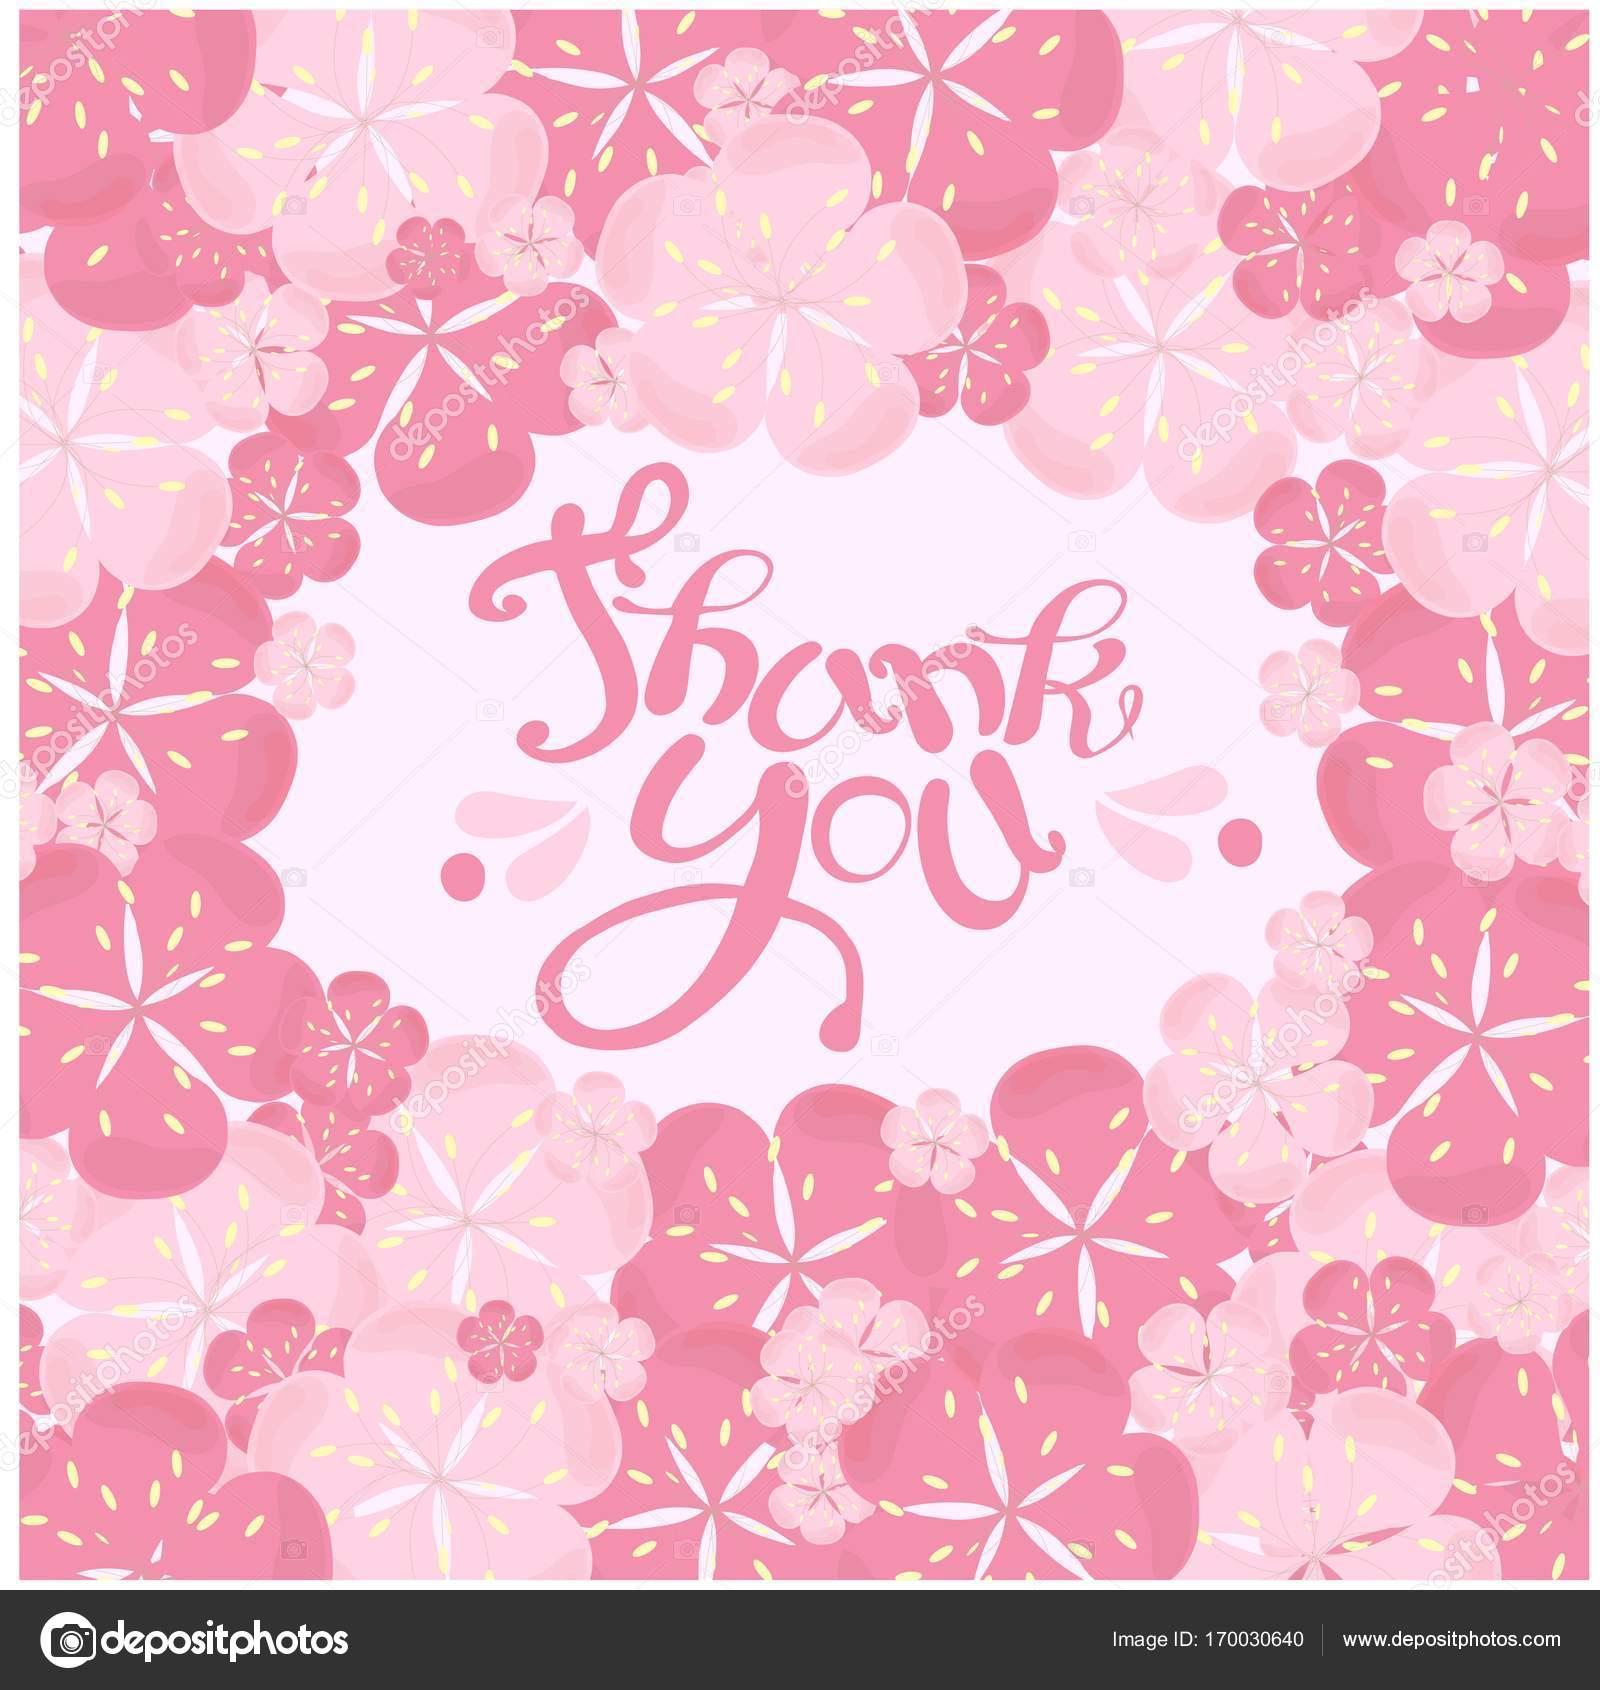 Typografie-Banner-Schriftzug danke in der Malerei rosa Blumen Rahmen ...